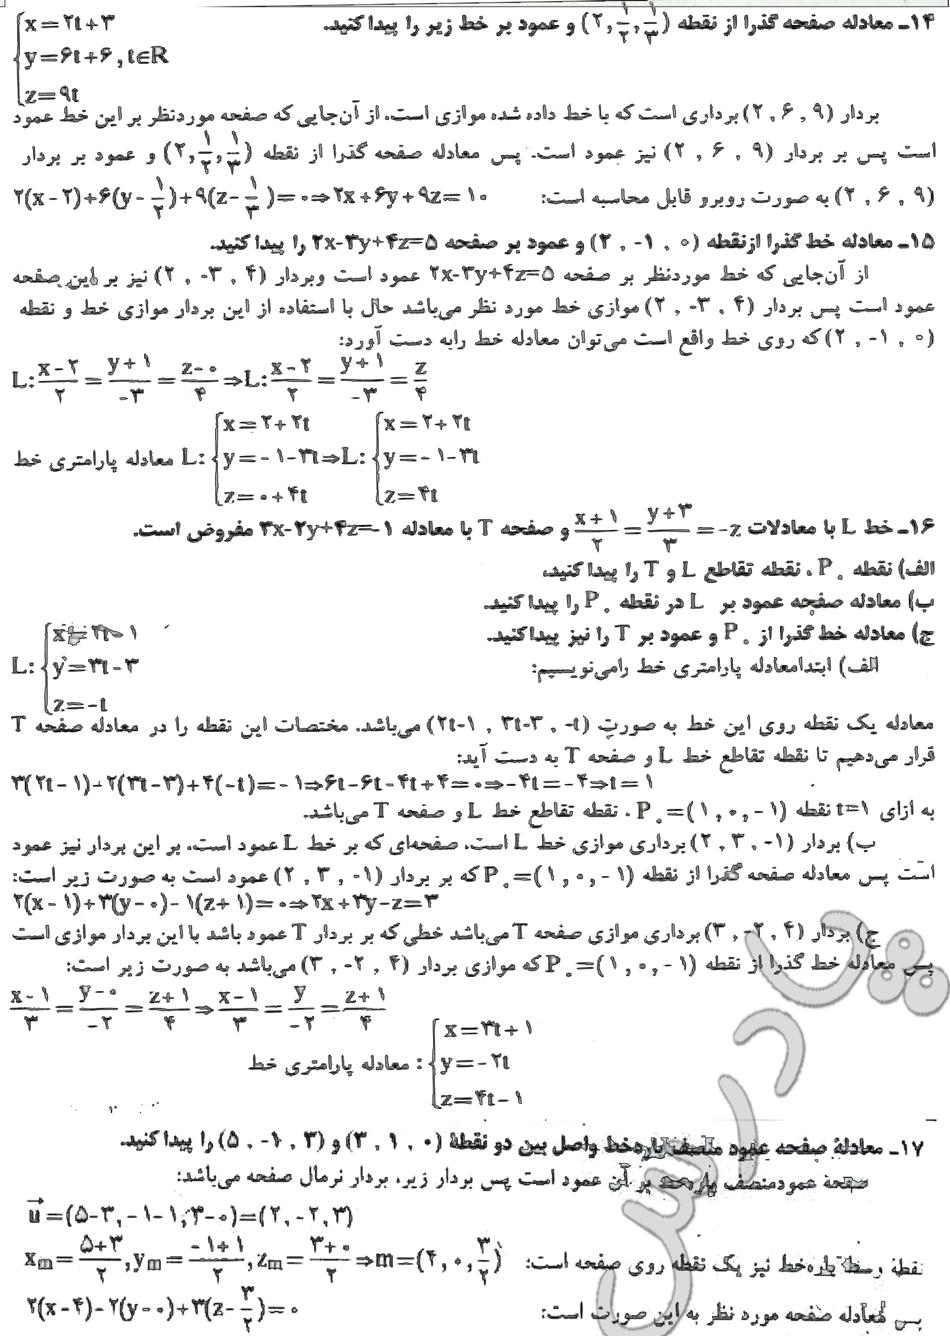 حل تمرین 14 تا 17 صفحه 47 فصل دوم هندسه تحلیلی پیش دانشگاهی